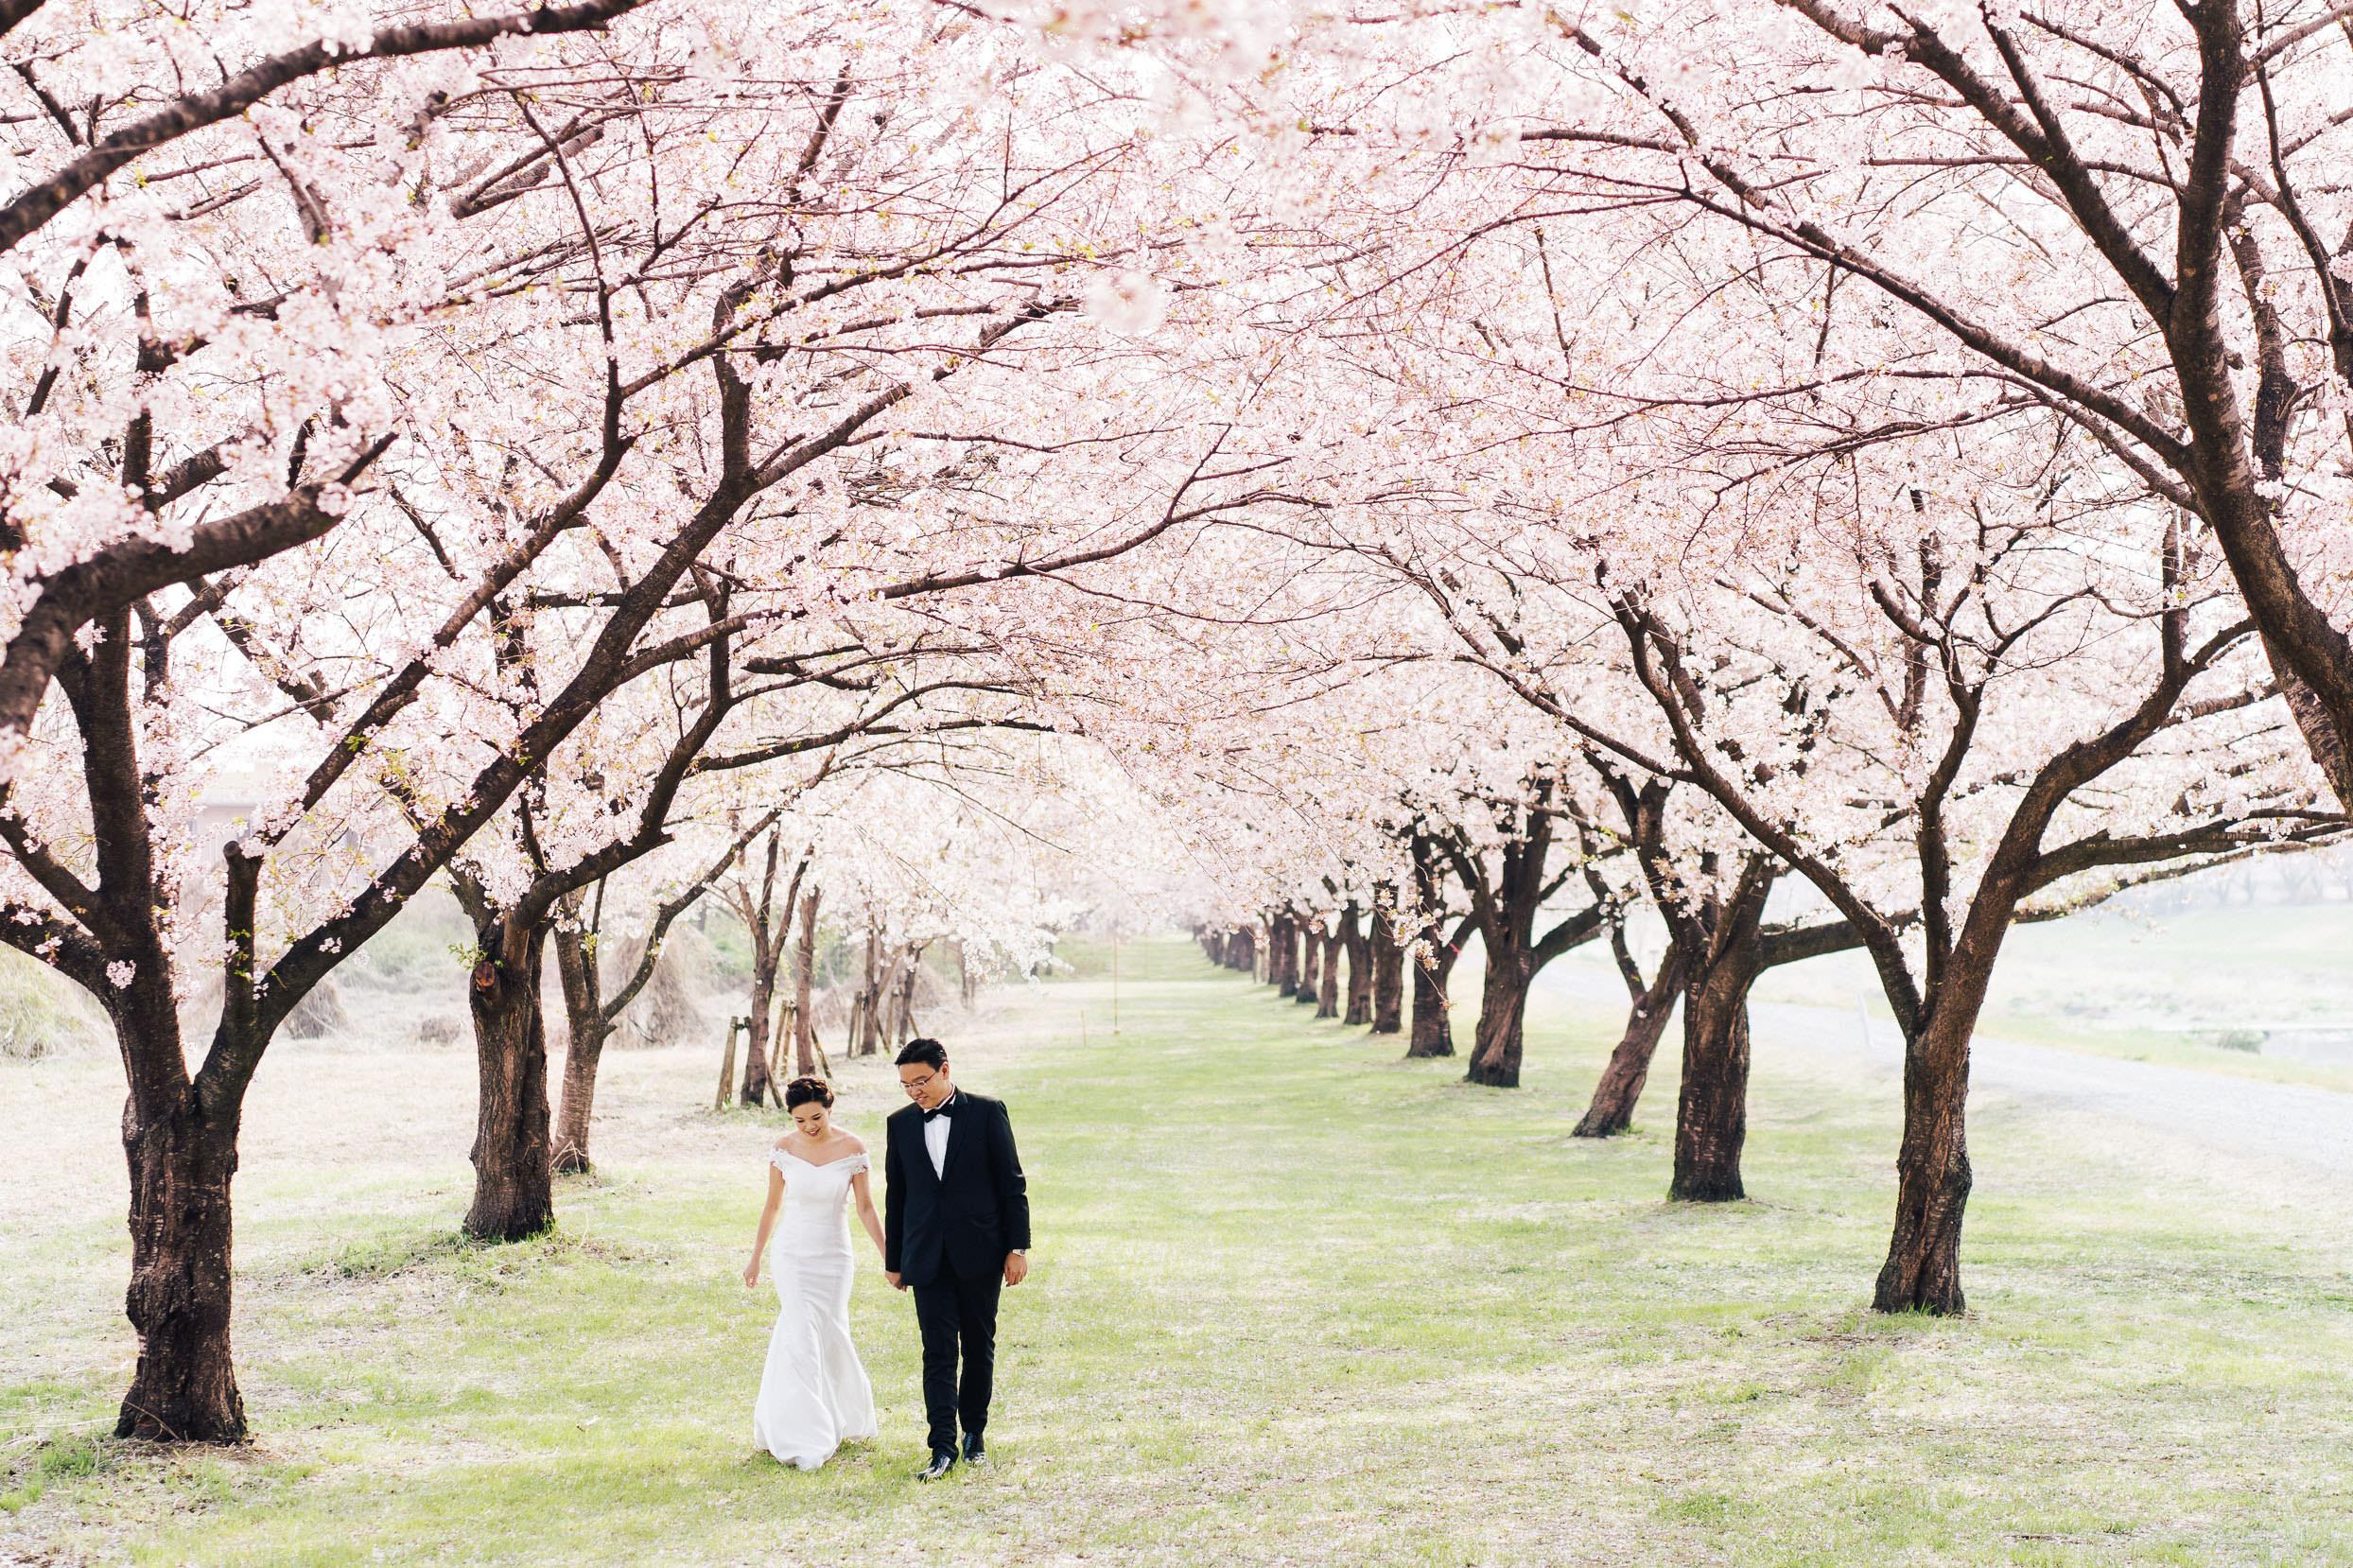 桜ロケーションフォト - 168,000 yen + tax ~【 3月下旬~5月初旬 限定プラン 】※全国対象満開の桜を求めて